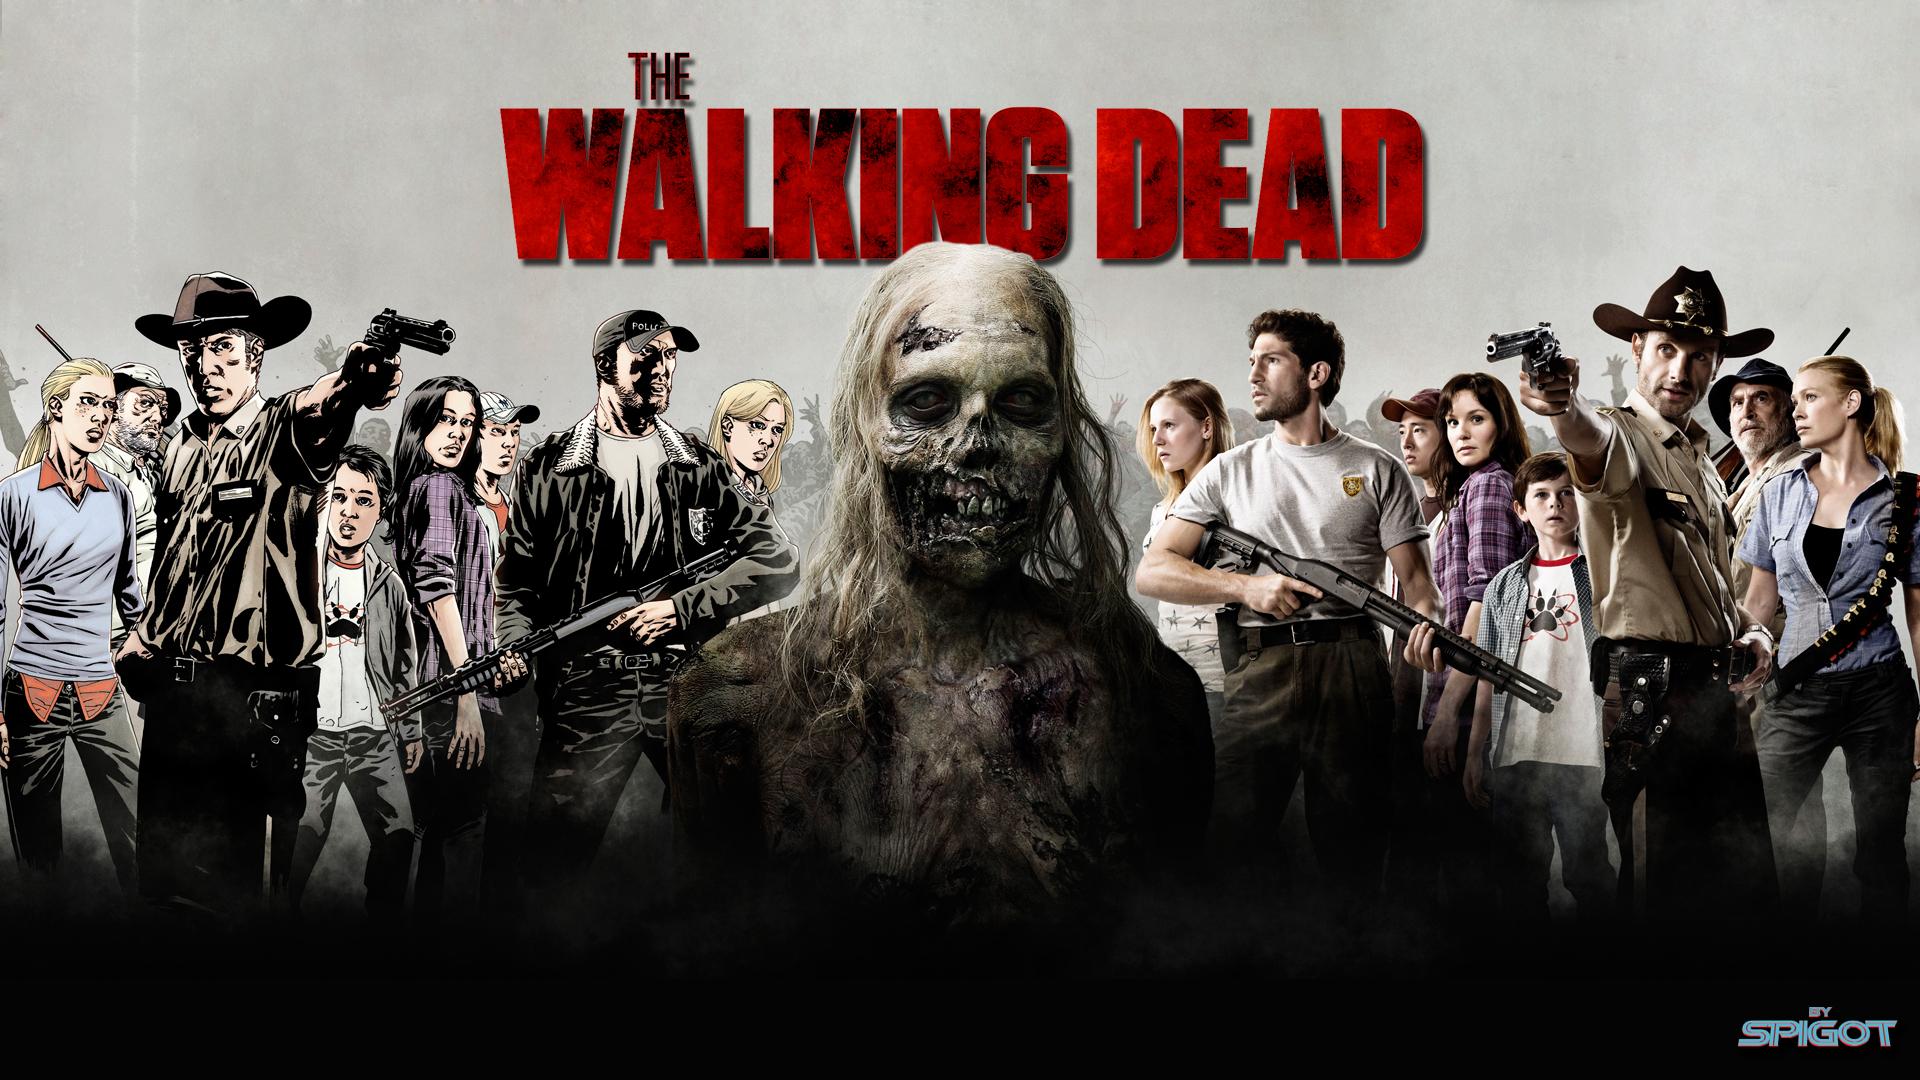 The Walking Dead 1 1920x1080